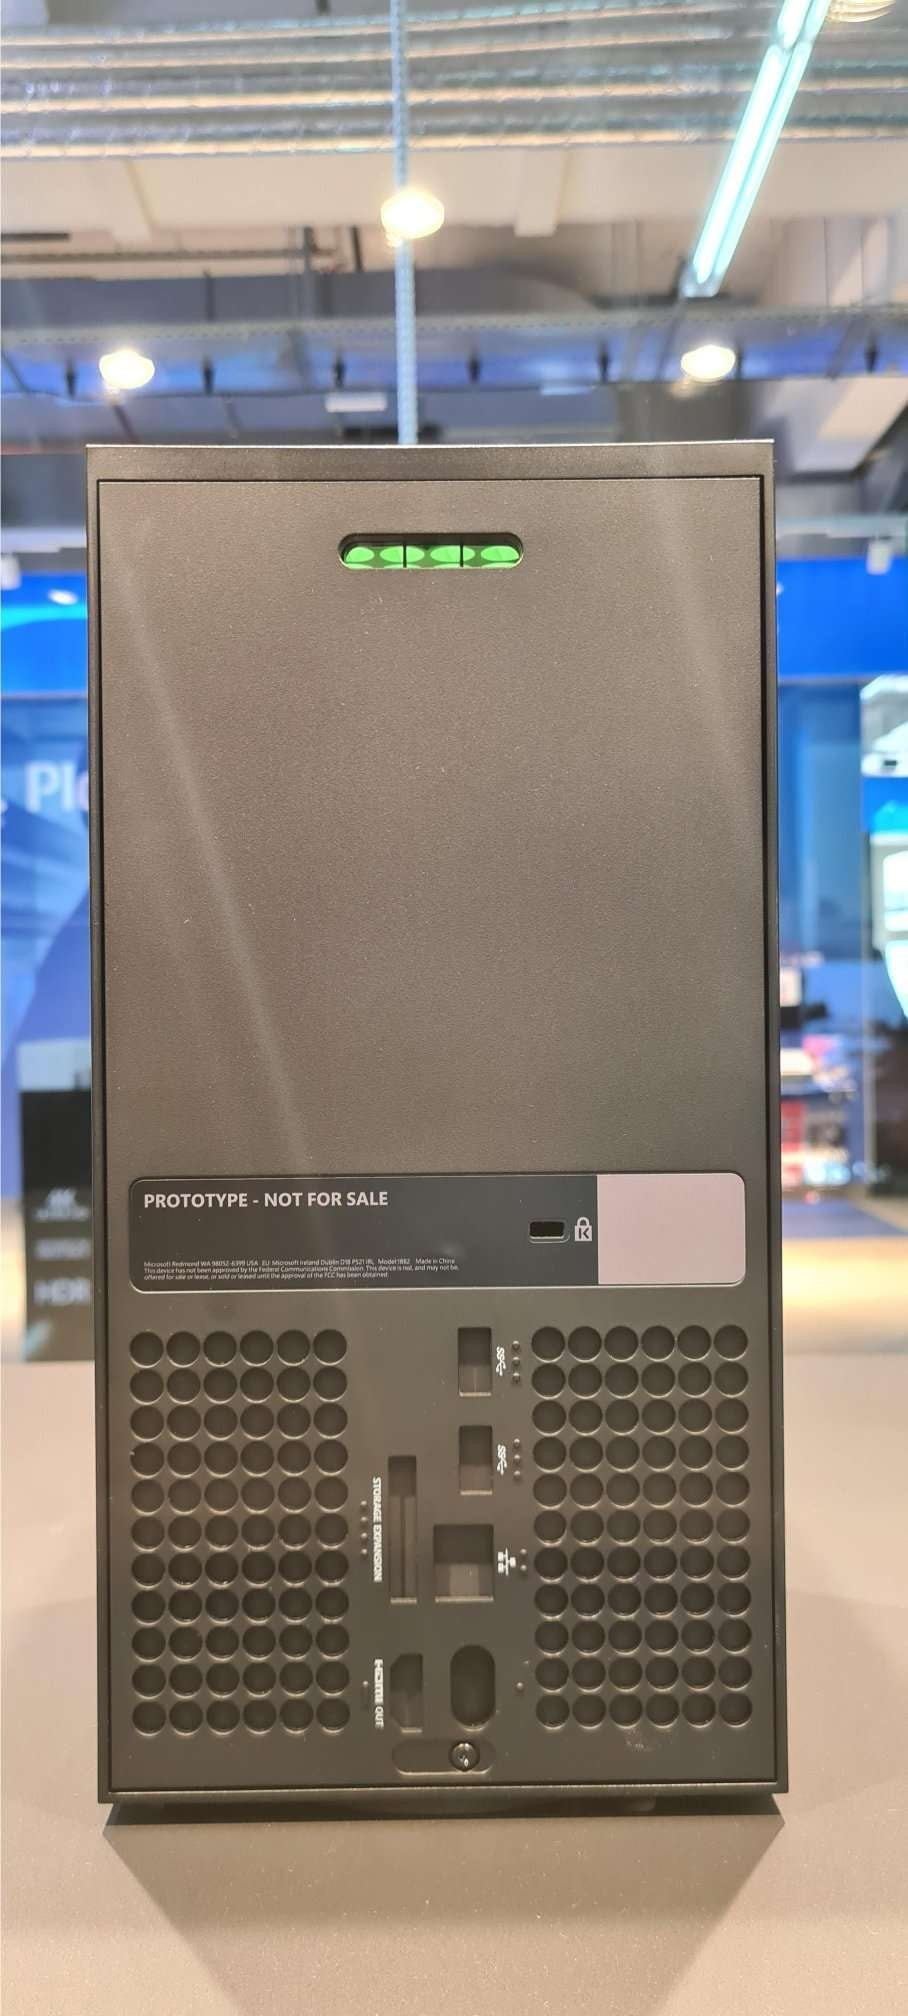 Xbox Series X prototype © Reddit